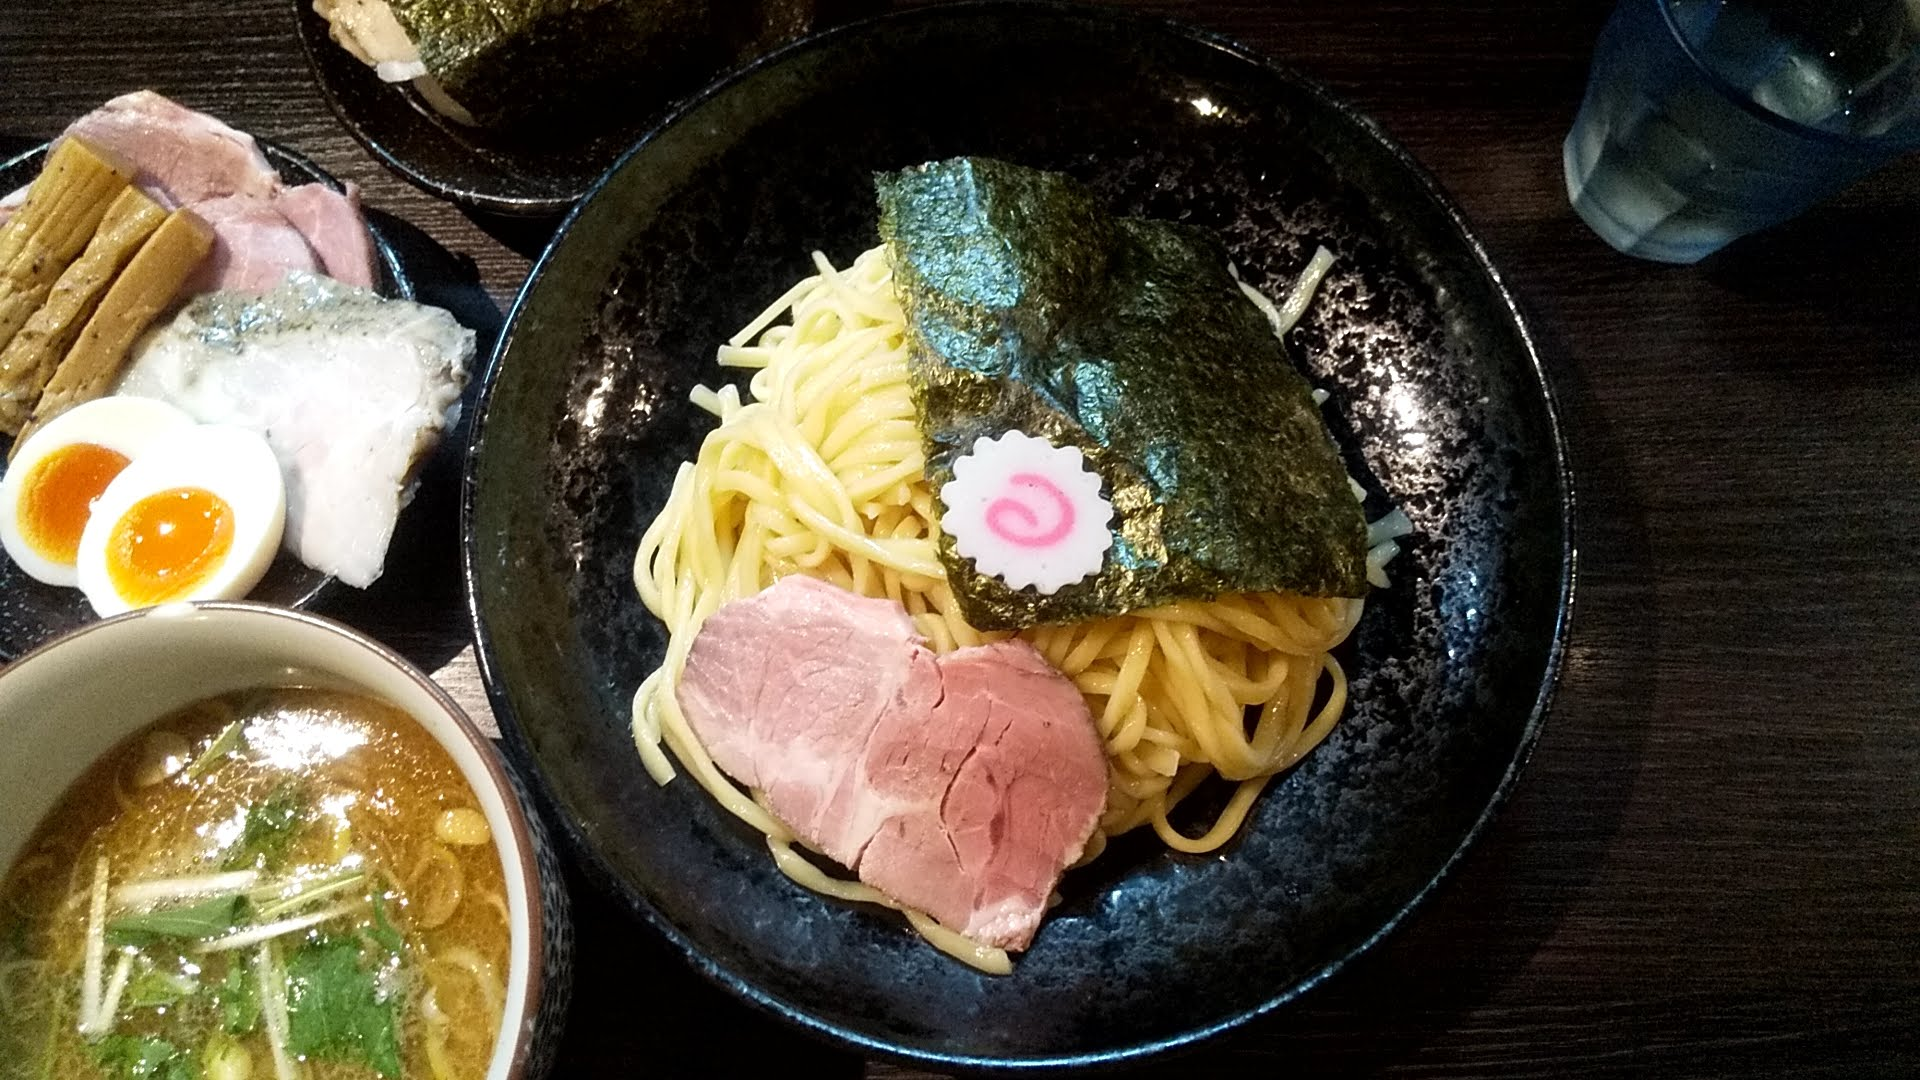 麦屋浮浪雲のつけ麺特製盛の麺皿の写真